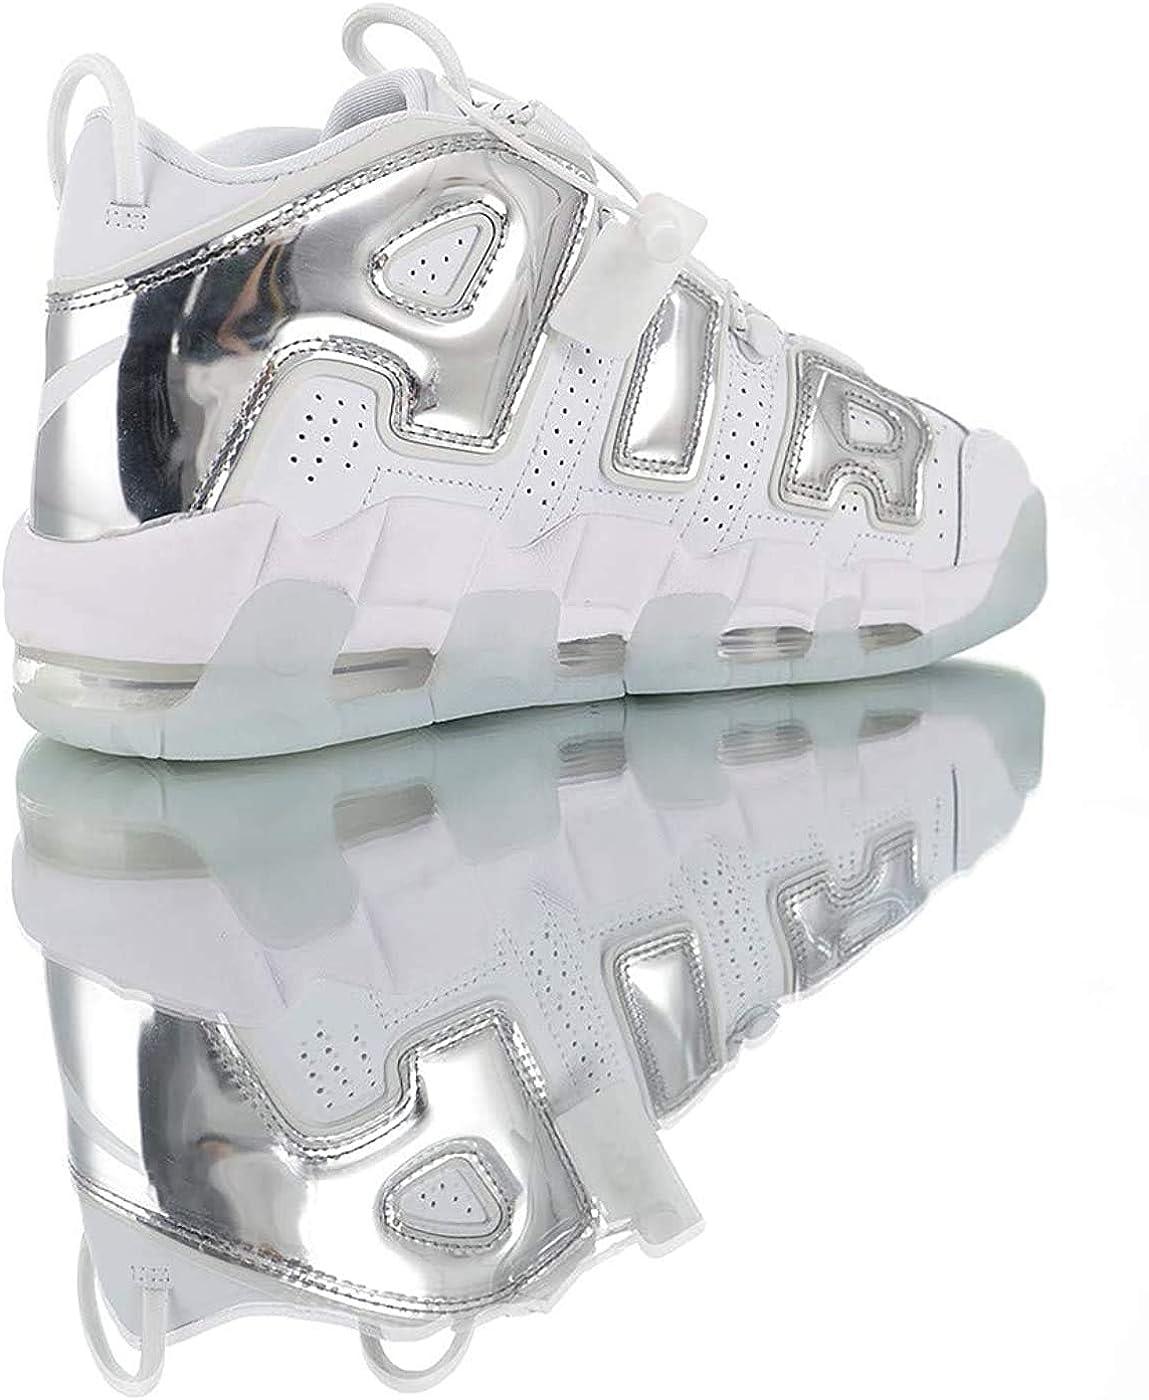 Uomini Pi/ù Traspirante Uptempo 96 Antiscivolo Resistente allusura Allenamento Atletico Confortevole Sneakers Air Cushion Moda Scarpe Da Basket